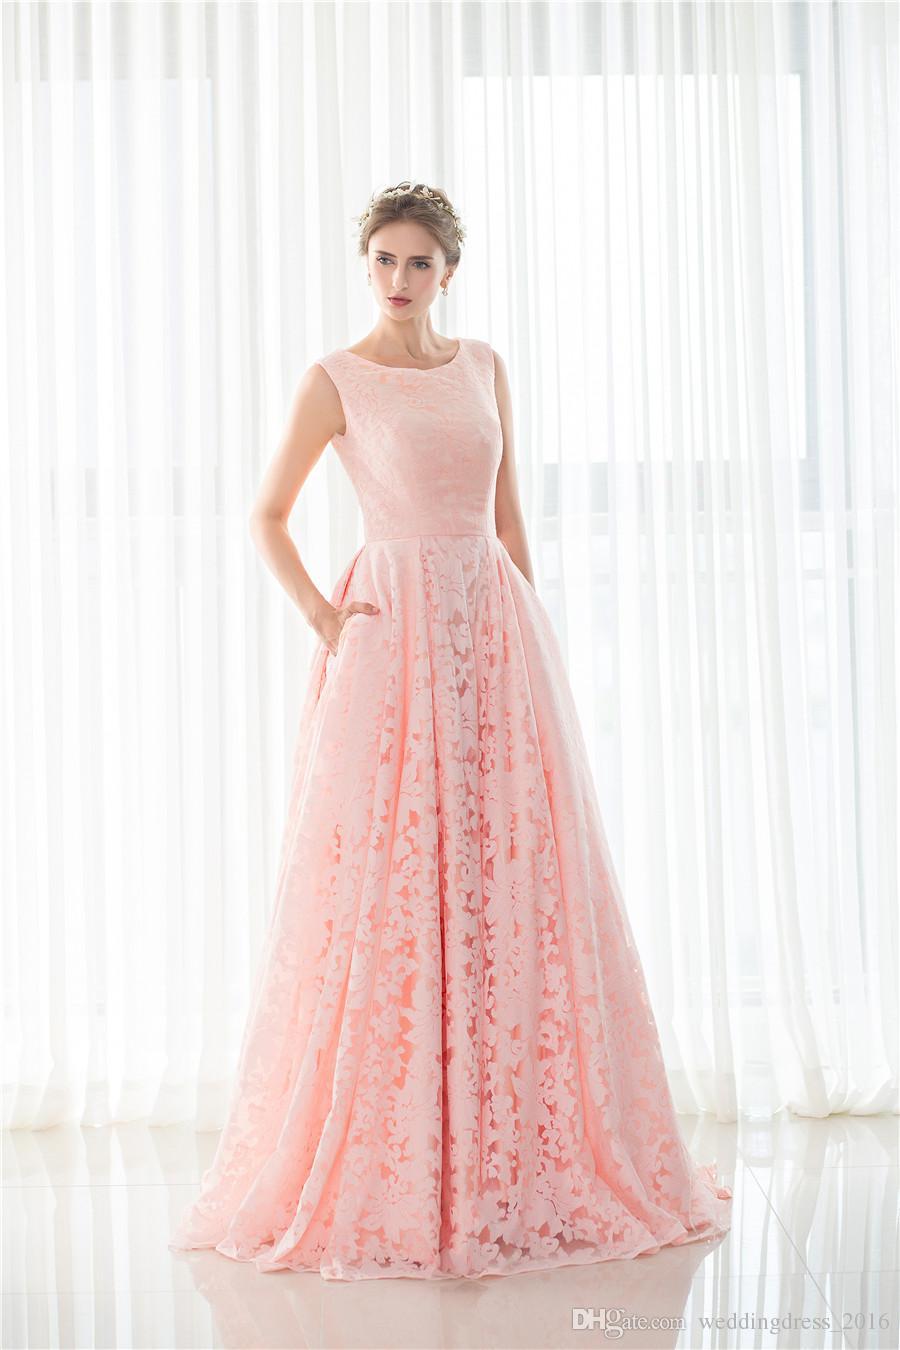 Beste Guave Brautjungfer Kleid Galerie - Hochzeit Kleid Stile Ideen ...